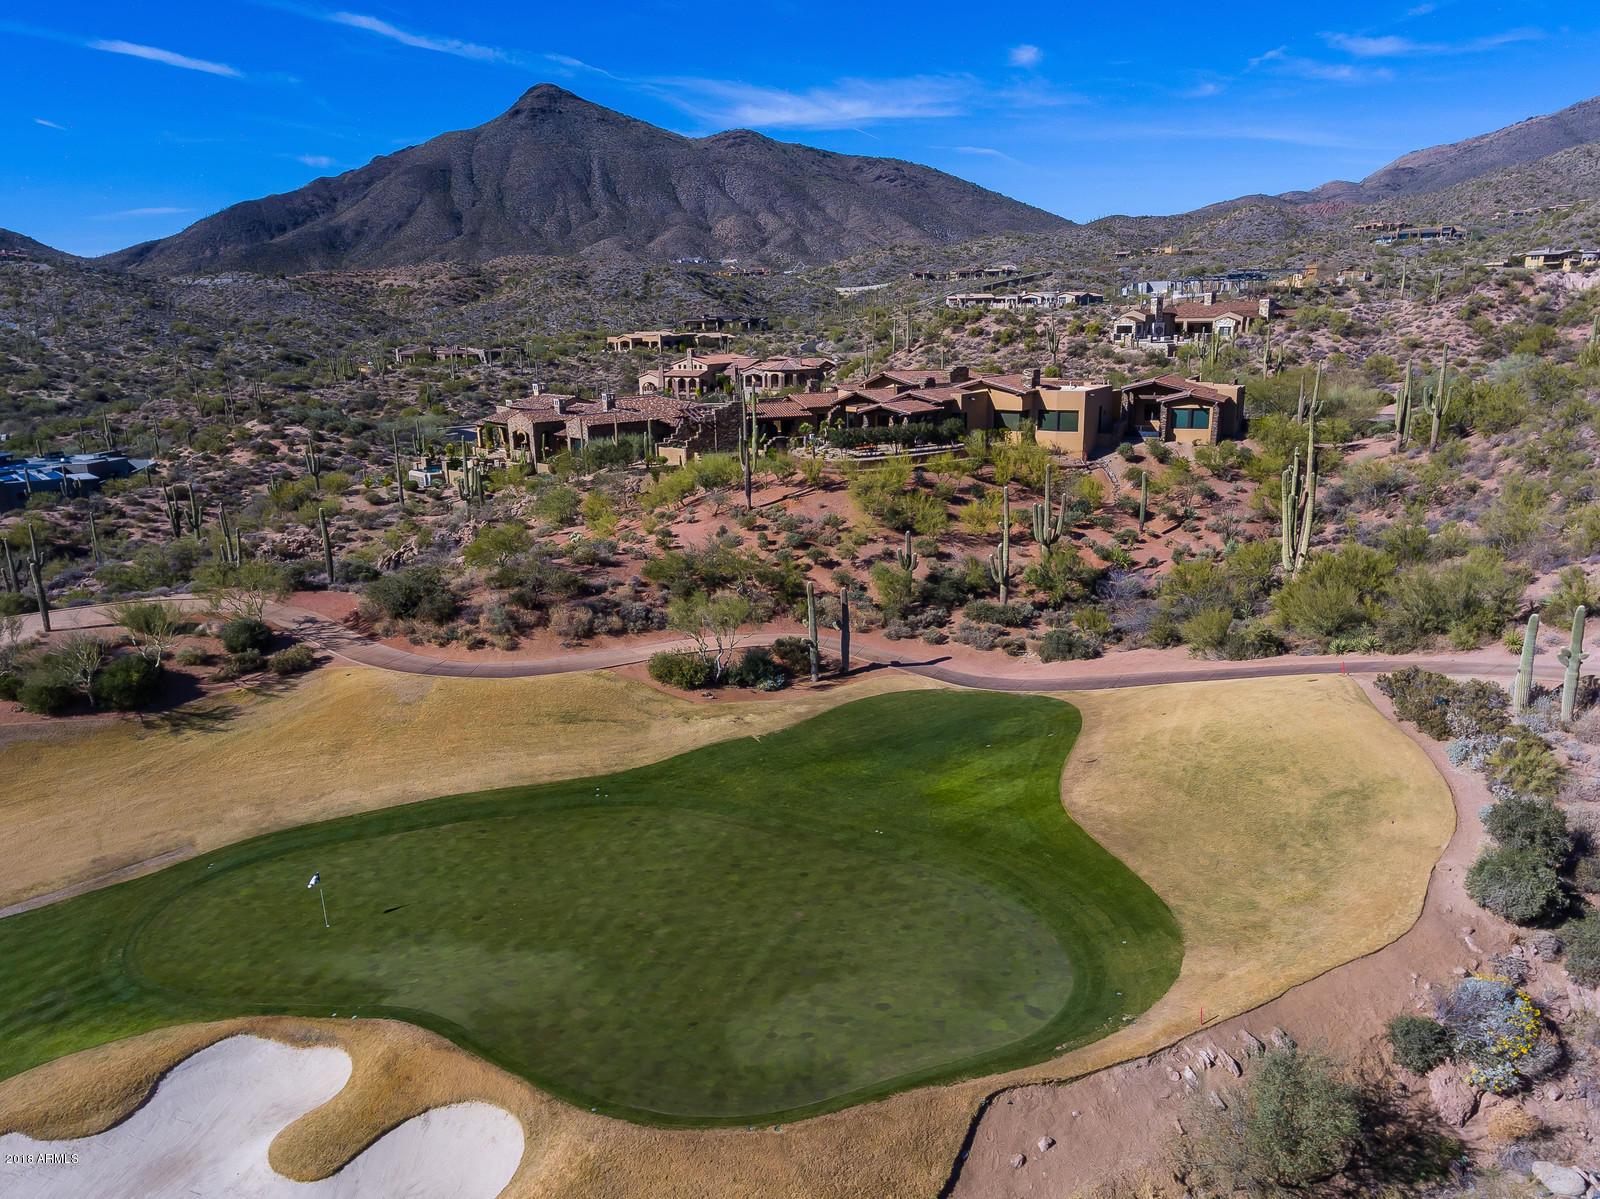 MLS 5422527 9793 E Falling Star Drive, Scottsdale, AZ 85262 Scottsdale AZ Cul-De-Sac